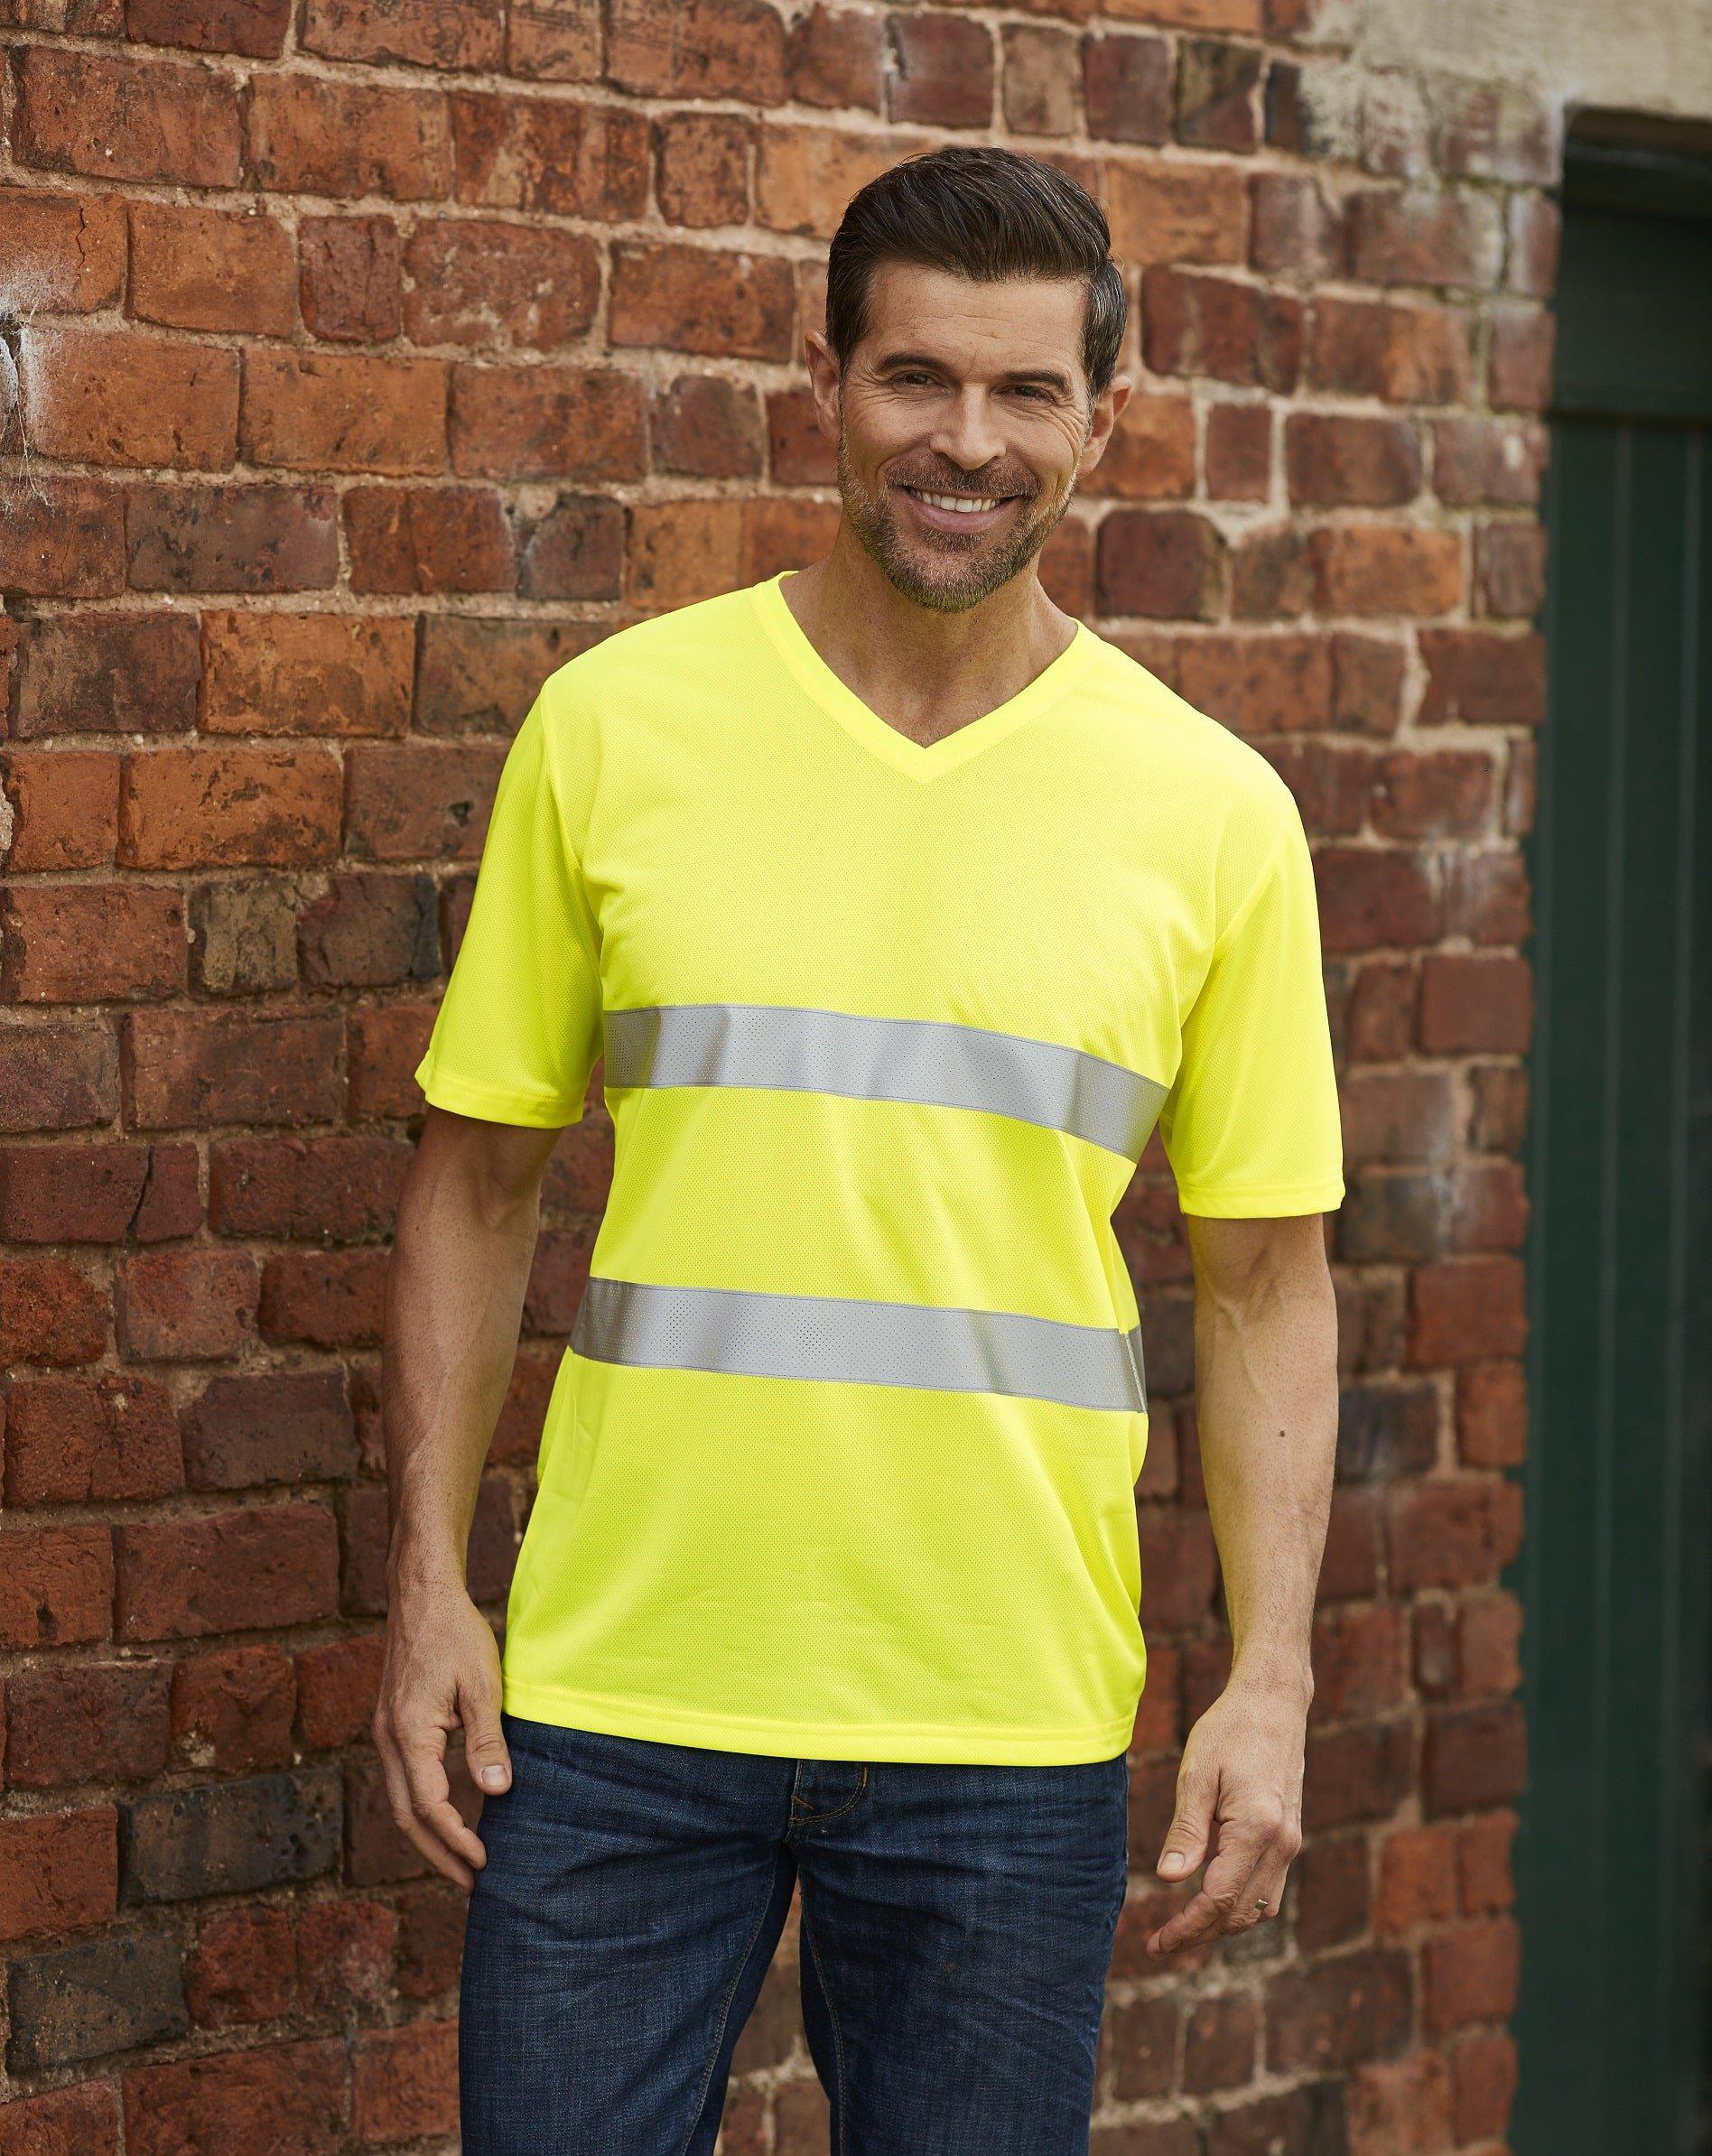 Custom Printed HI-VIS V-neck t-shirt, yellow, www.ontimeprint.co.uk